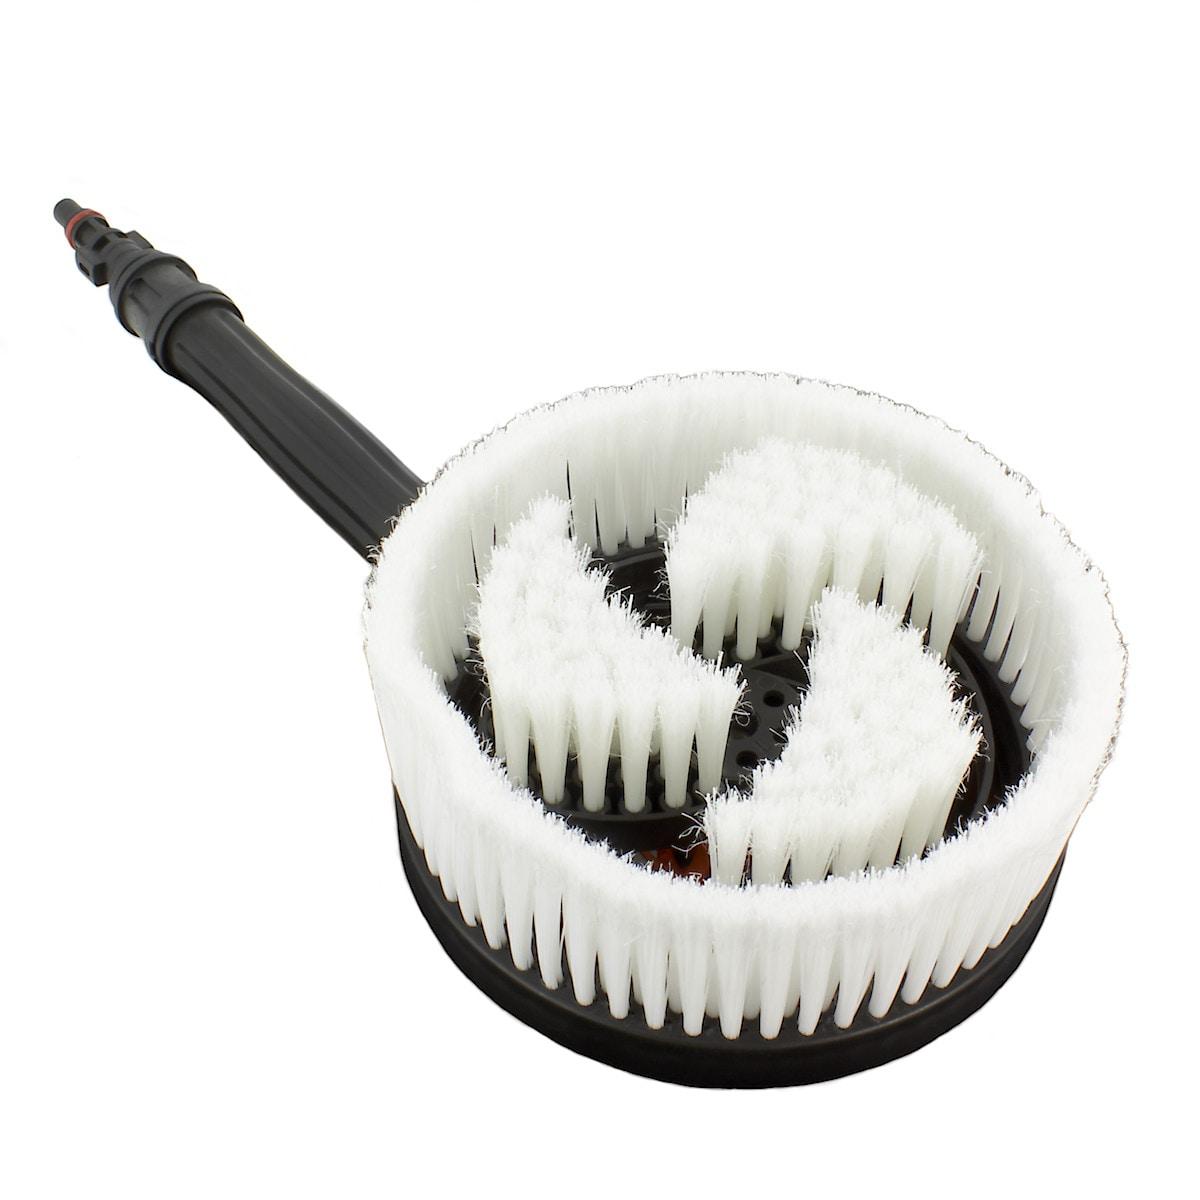 Pyörivä pesuharja tvättborste Cocraft